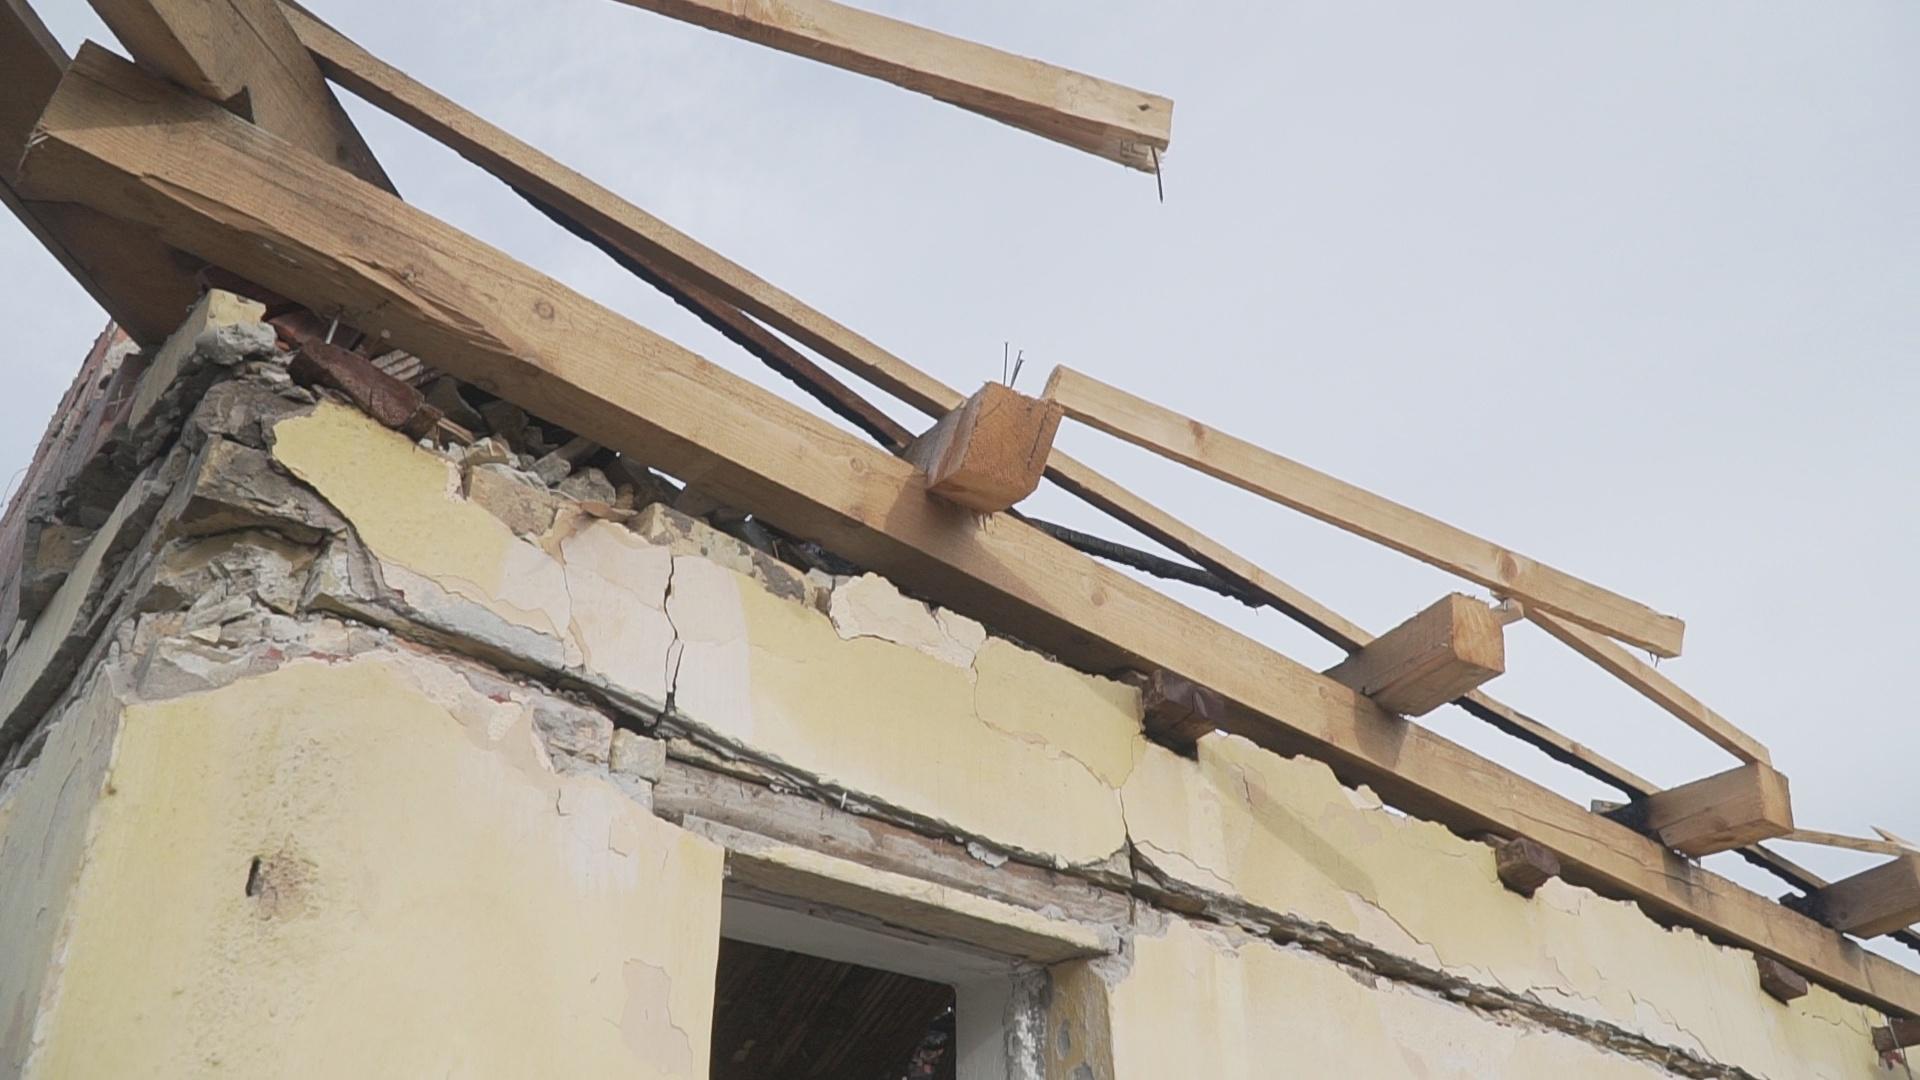 Nedavno obnovljena krovna konstrukcija uništena